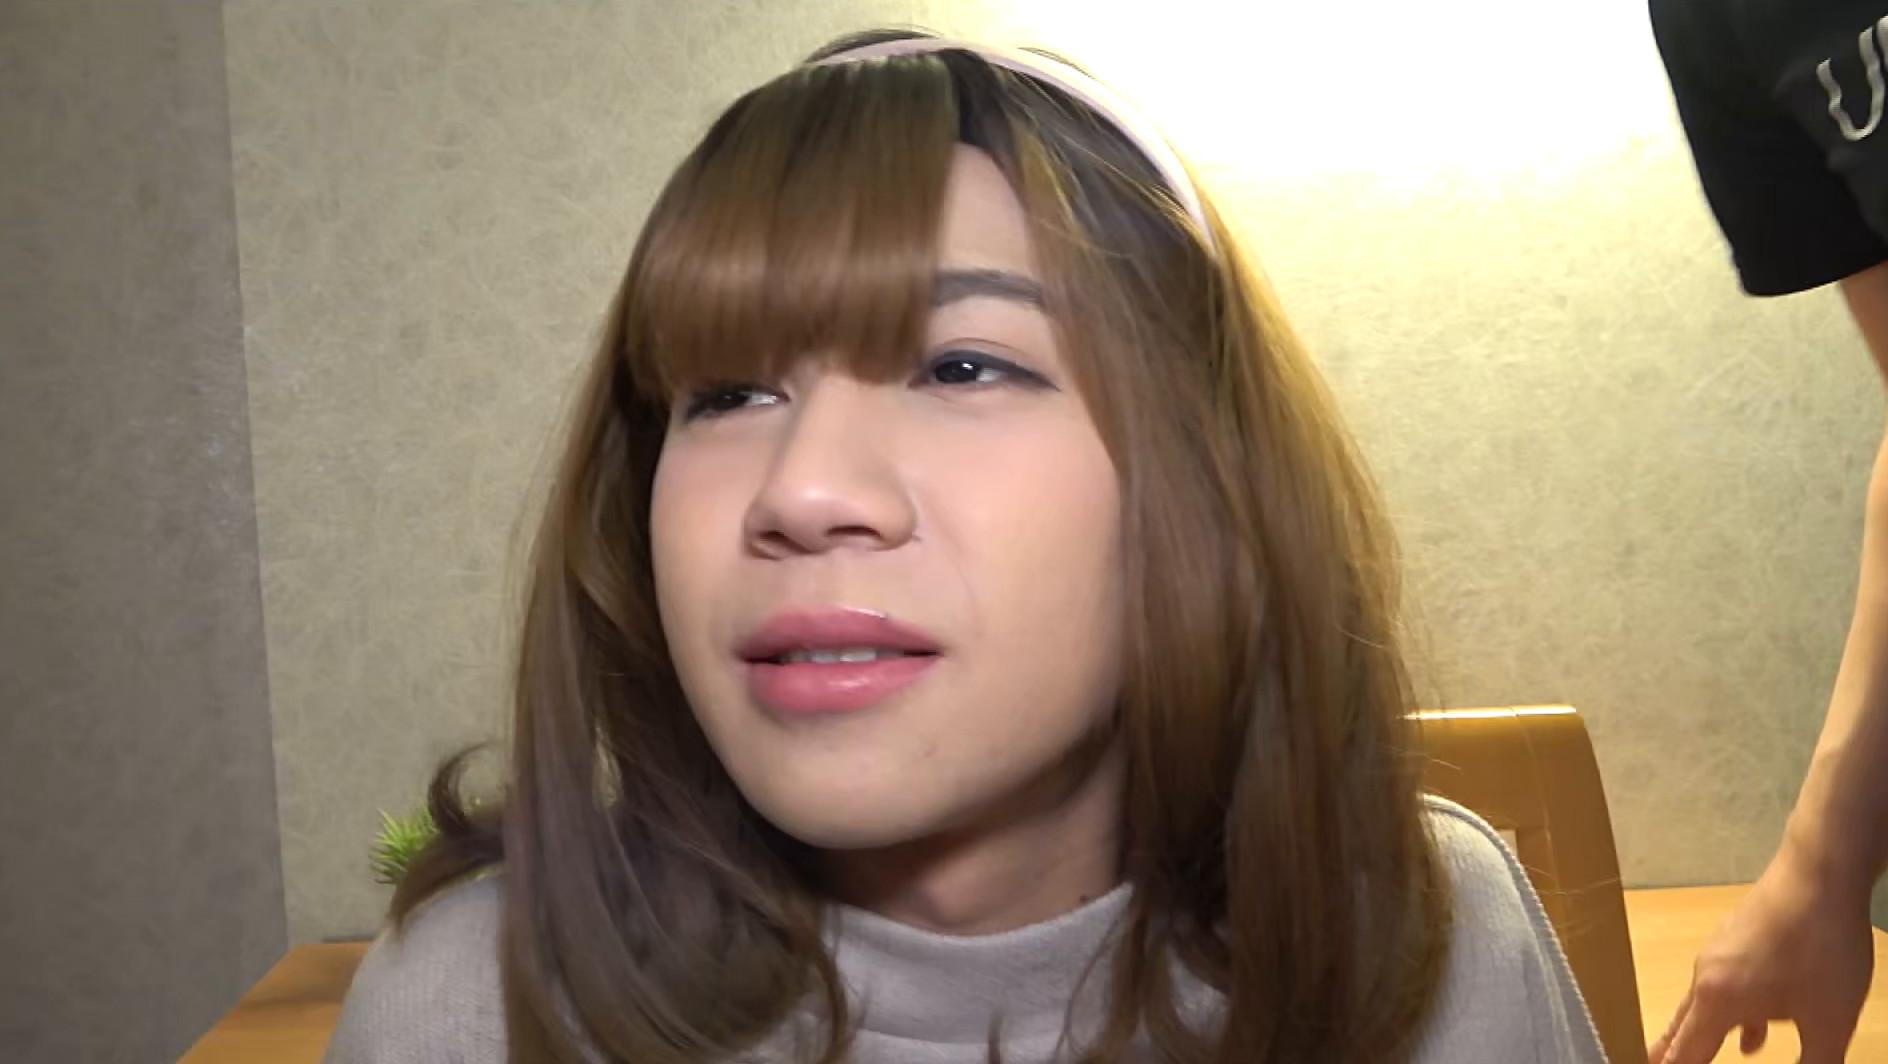 【女装子】ノンケ美男子、初めての女装&初めてのアナルSEX 画像9